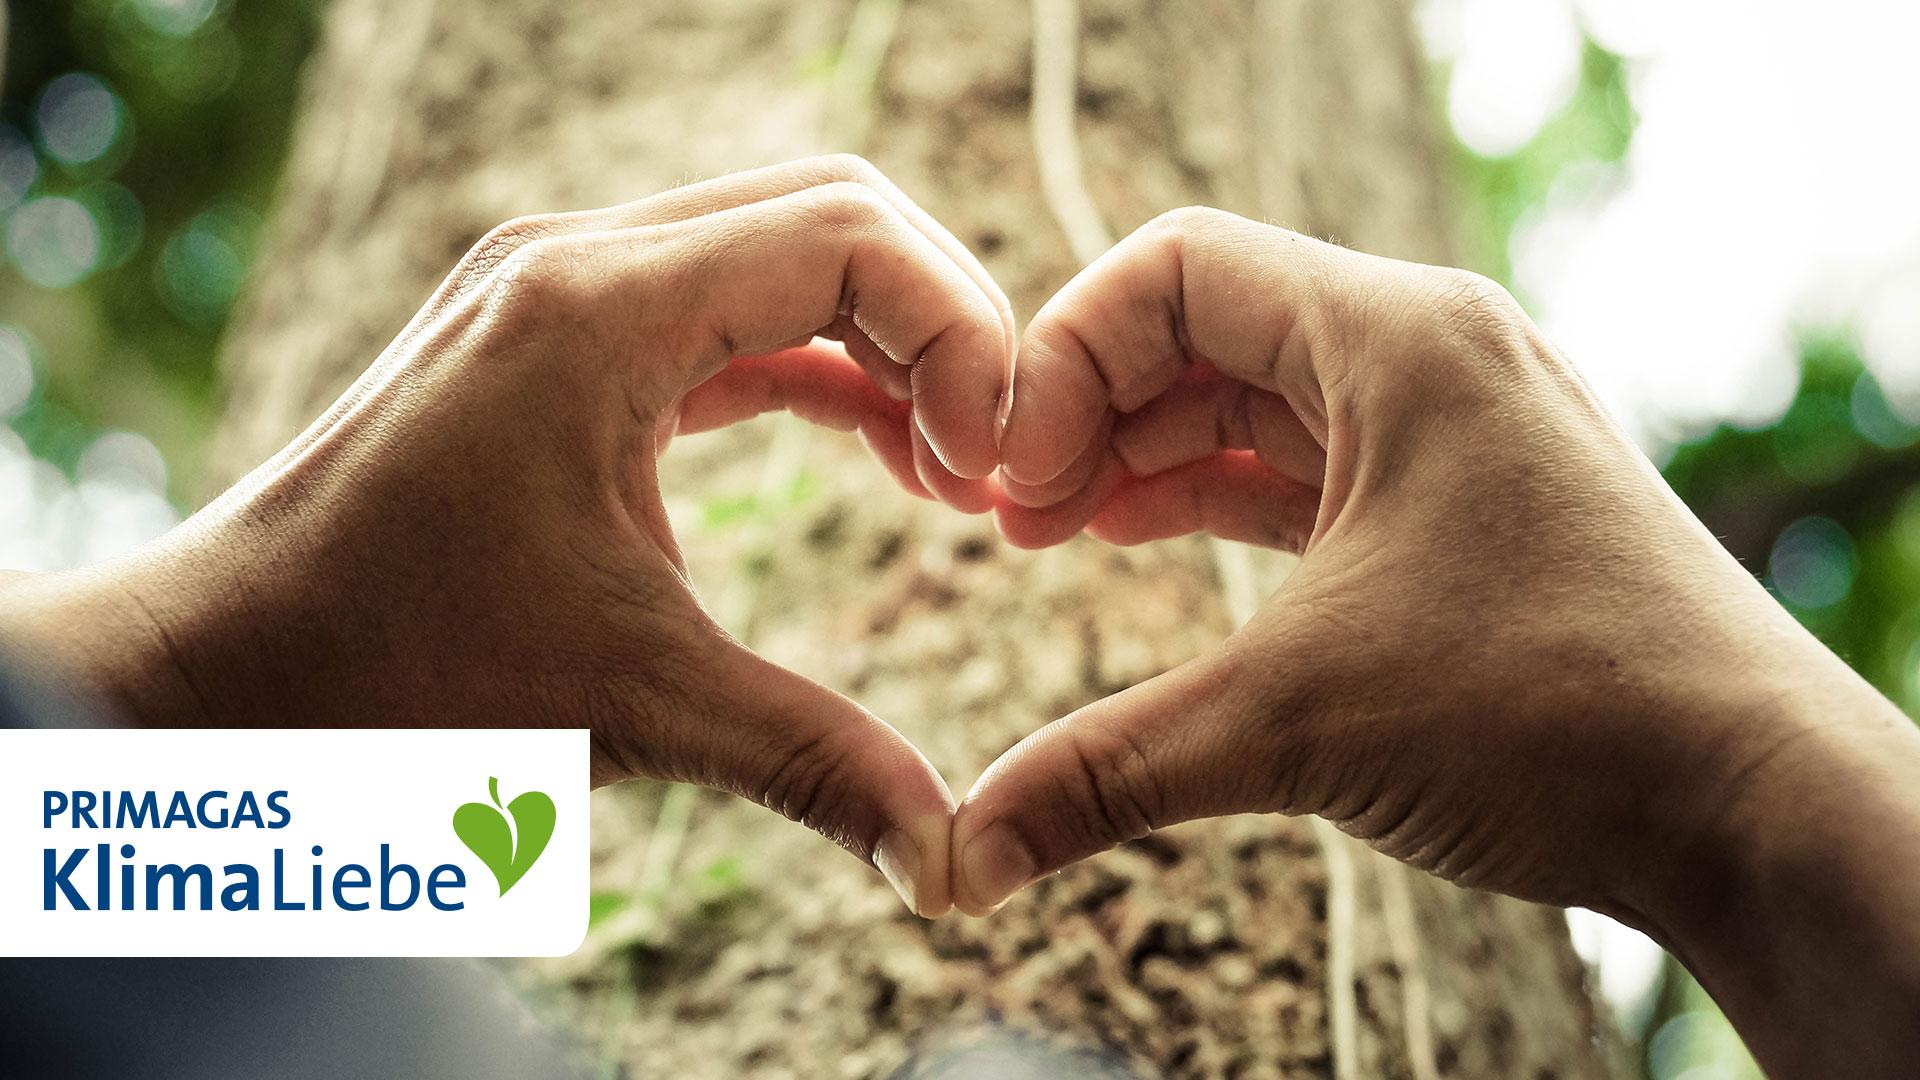 Hände, die ein Herz formen, vor Baumstamm, mit Logo PRIMAGAS KlimaLiebe.